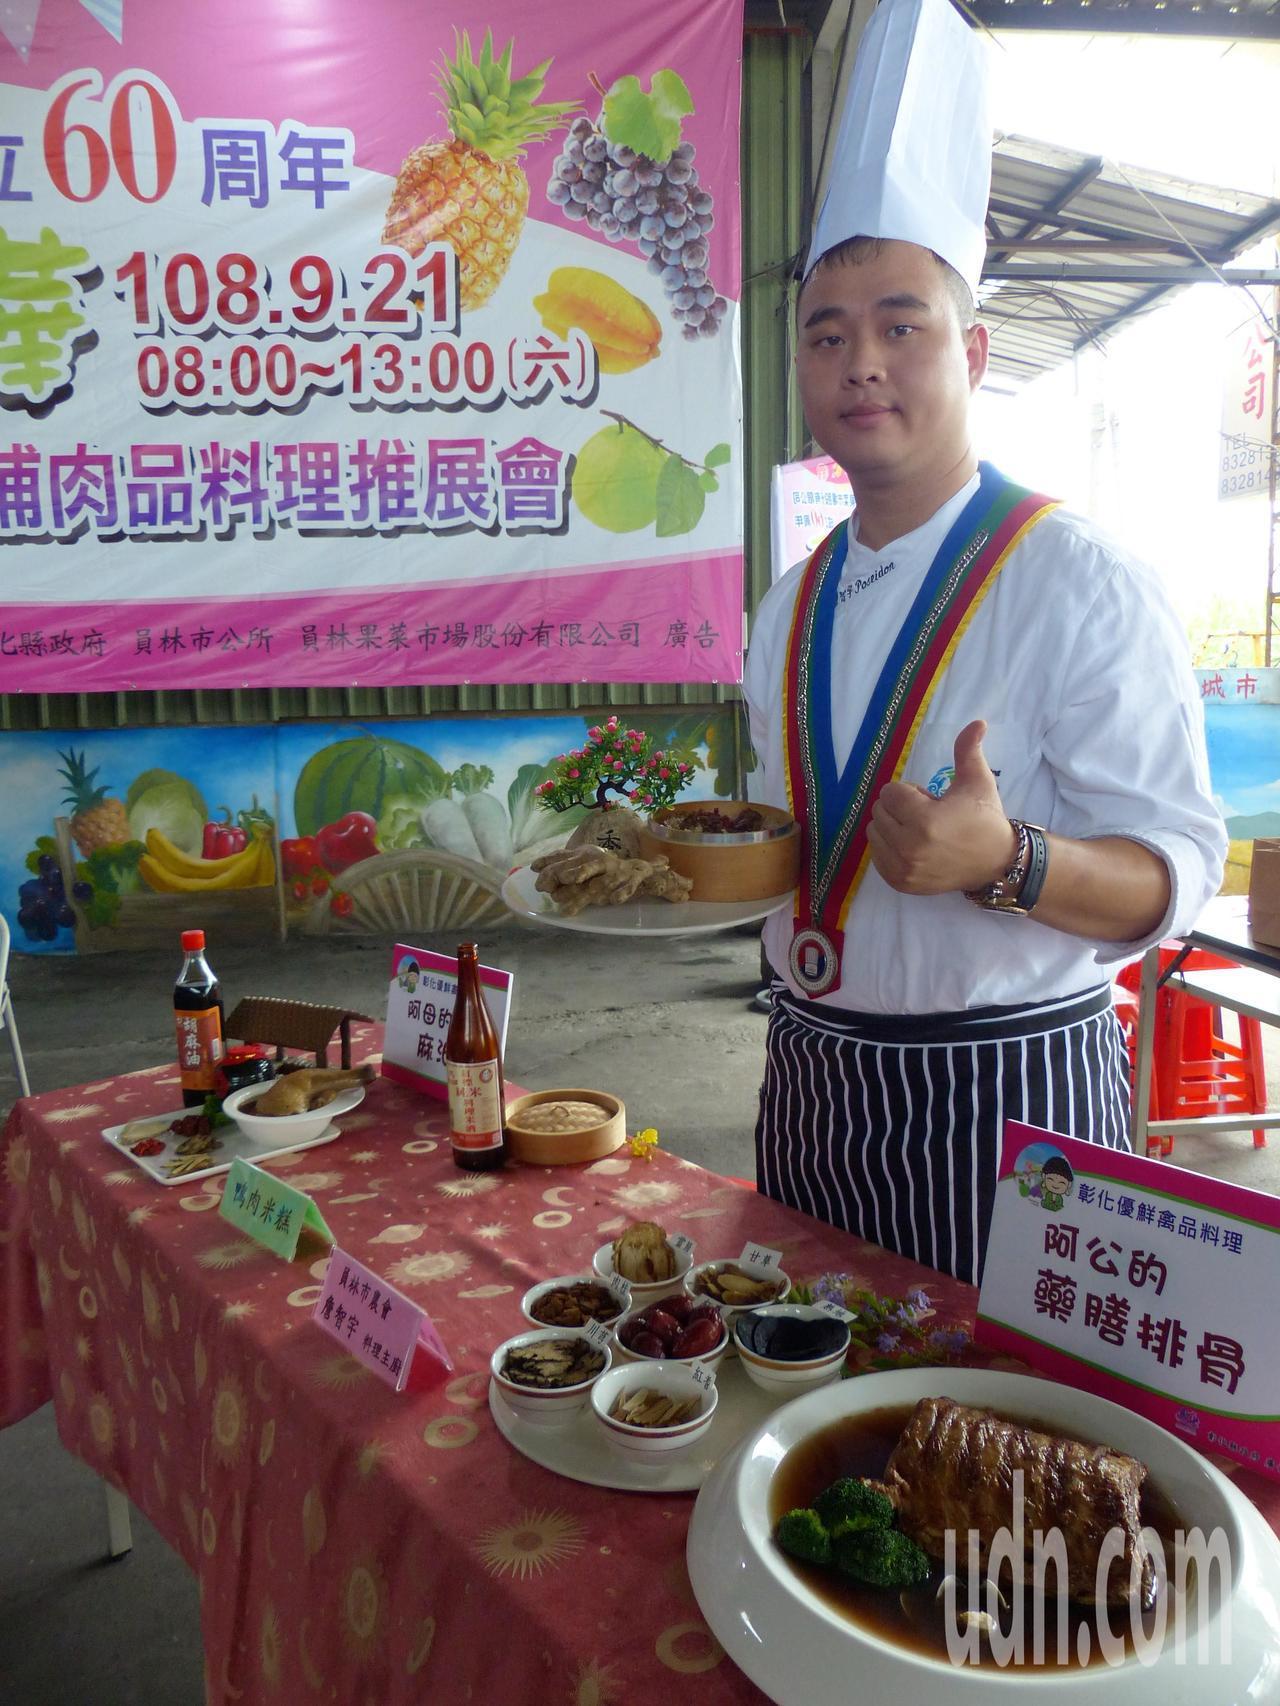 大廚推出香噴噴的麻油料理,員林果菜市場展售嘉年華當天免費招待民眾品嘗。記者凌筠婷...